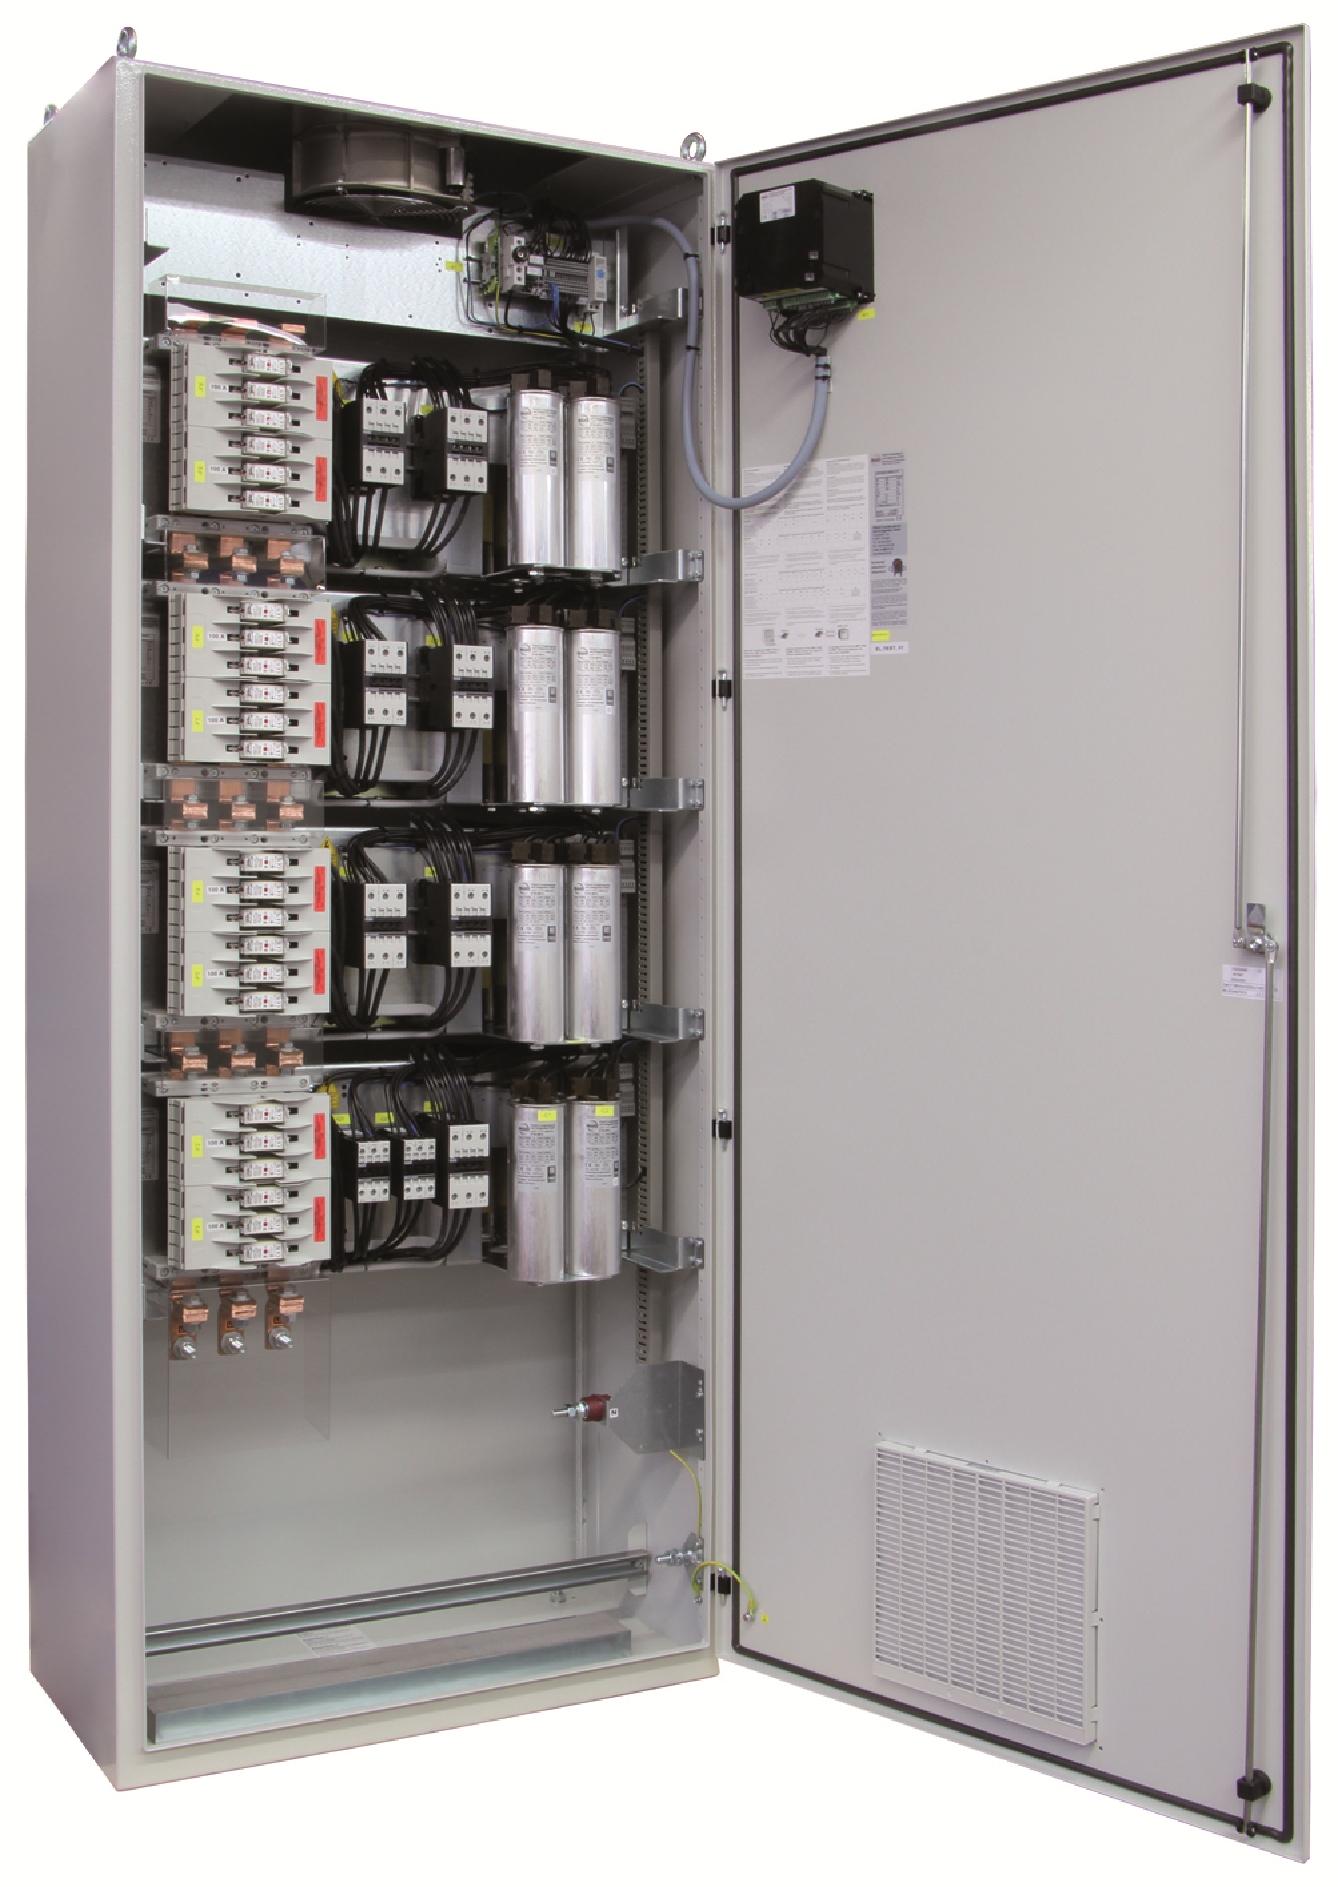 1 Stk Kompensation LSFC 7% 100/12,5kvar 800x2000x500mm FR3422665-